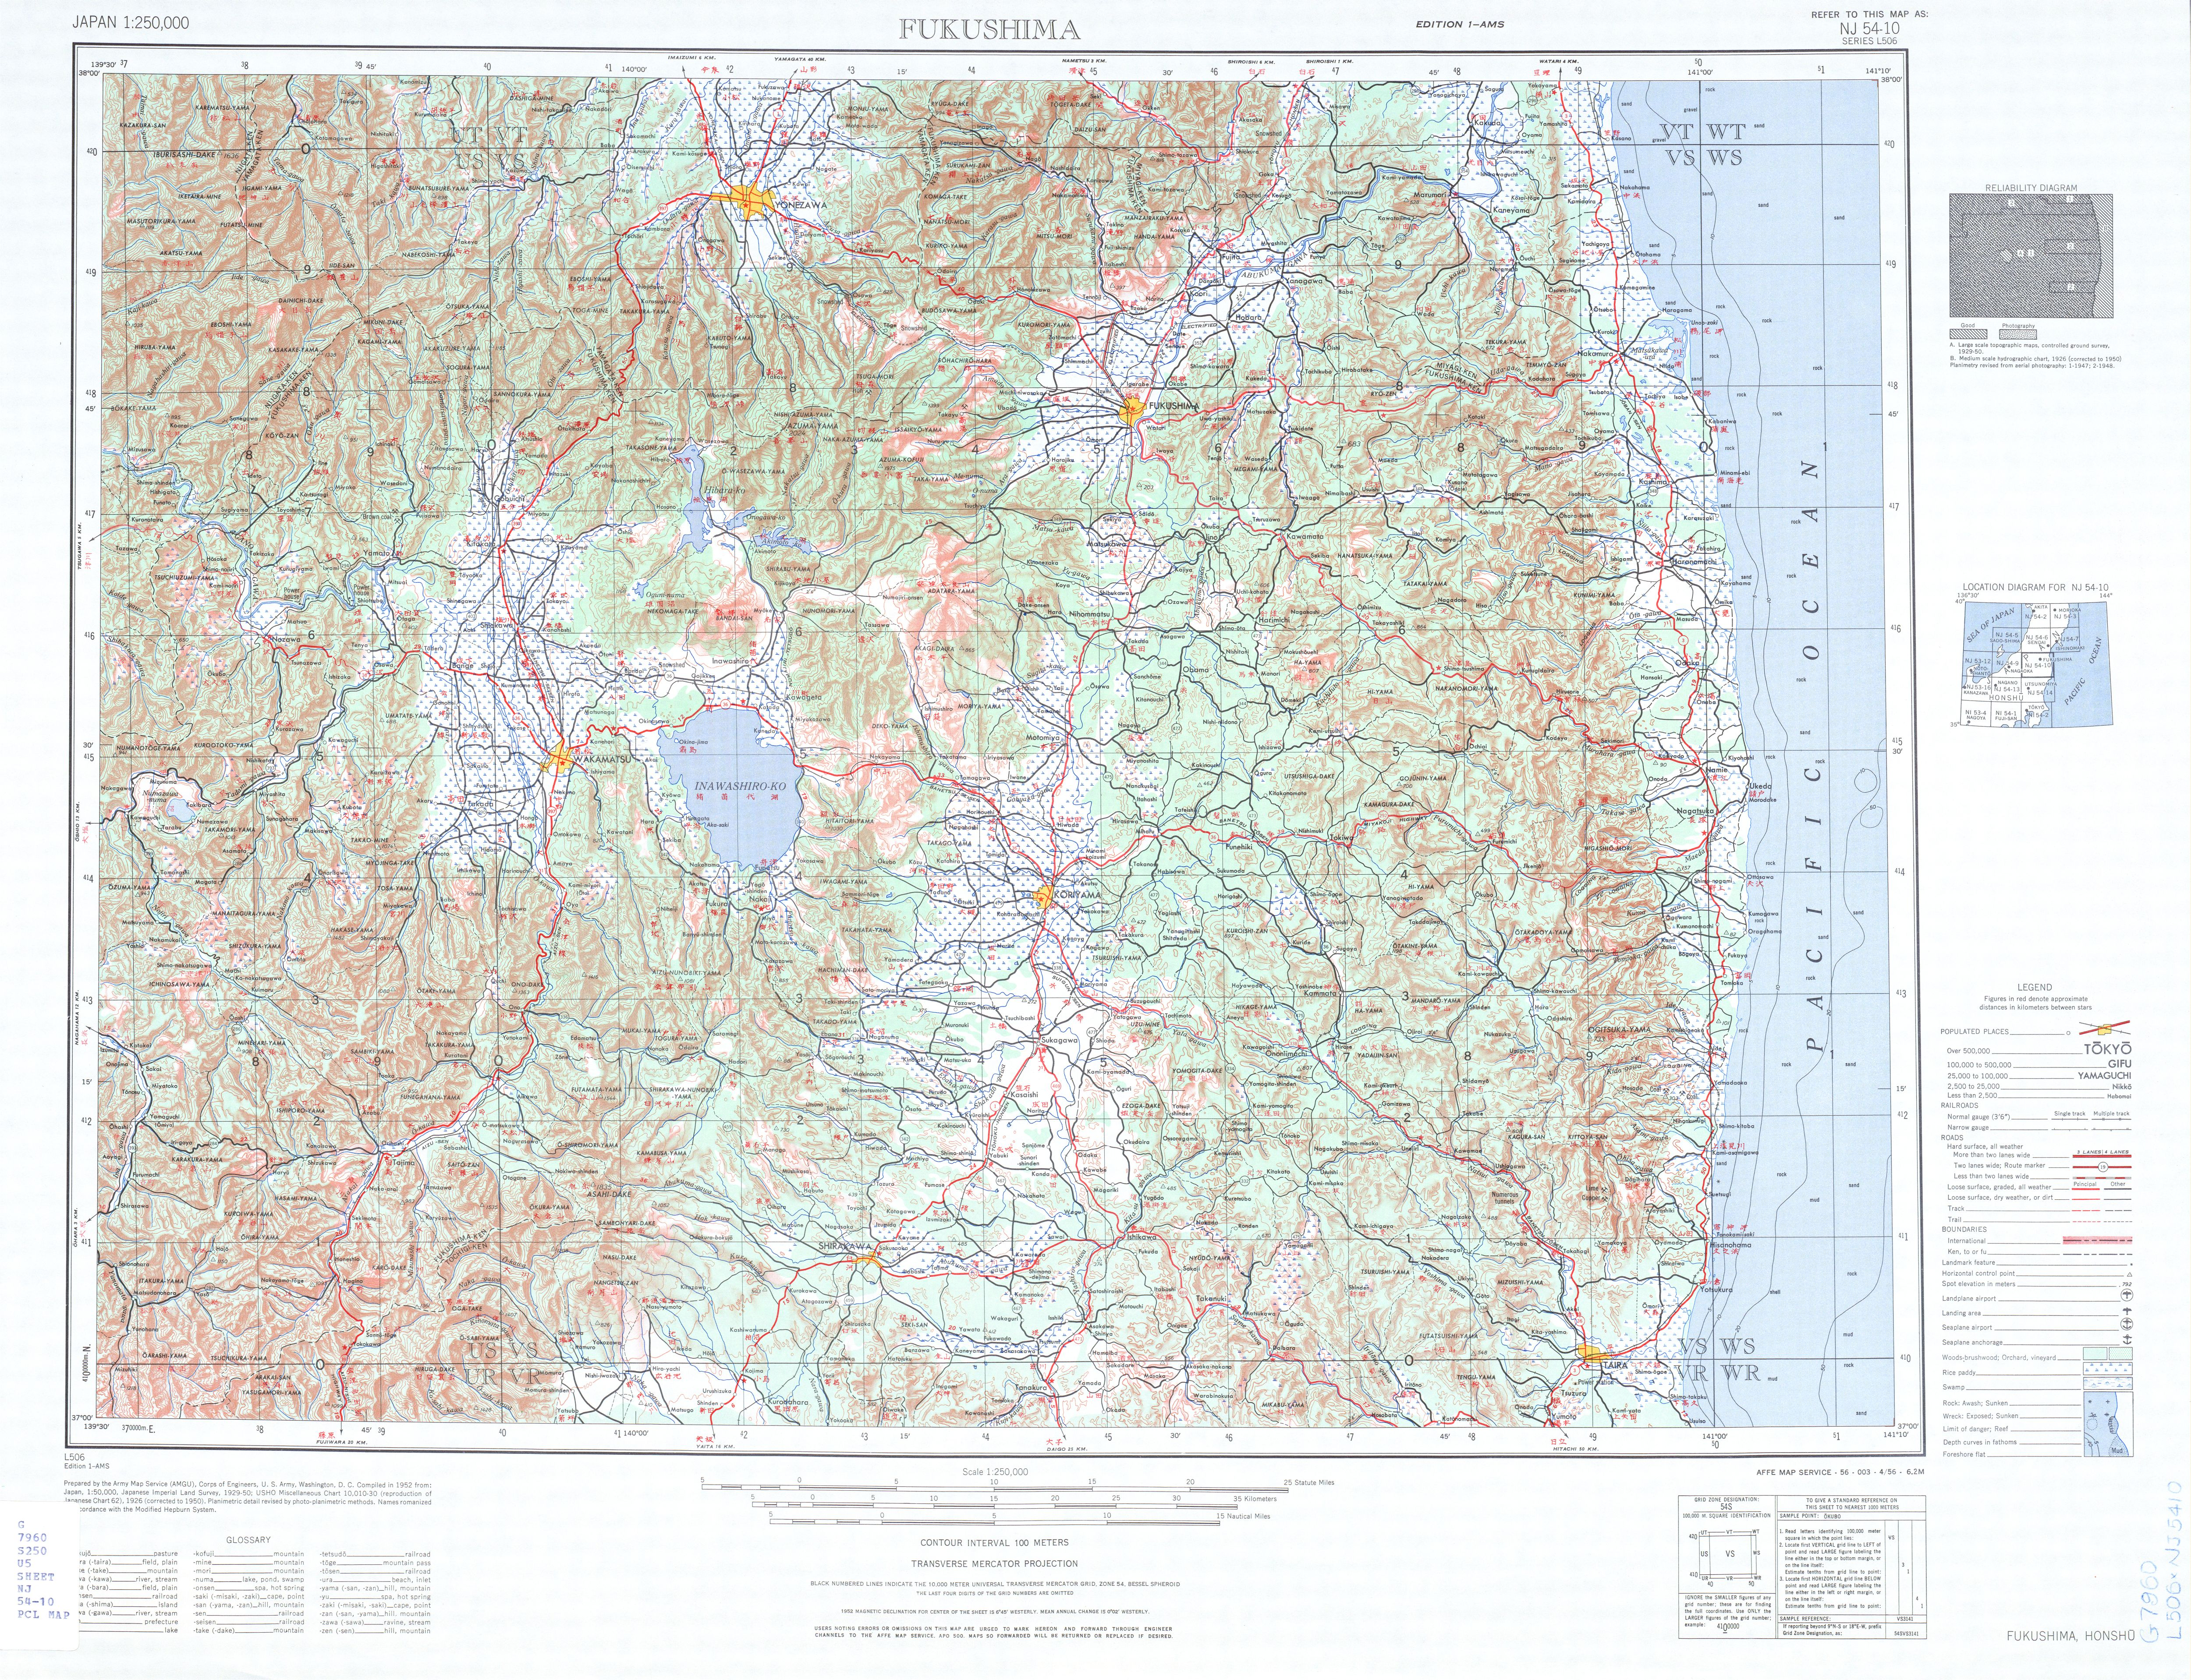 Hoja Fukushima del Mapa Topográfico de Japón 1954